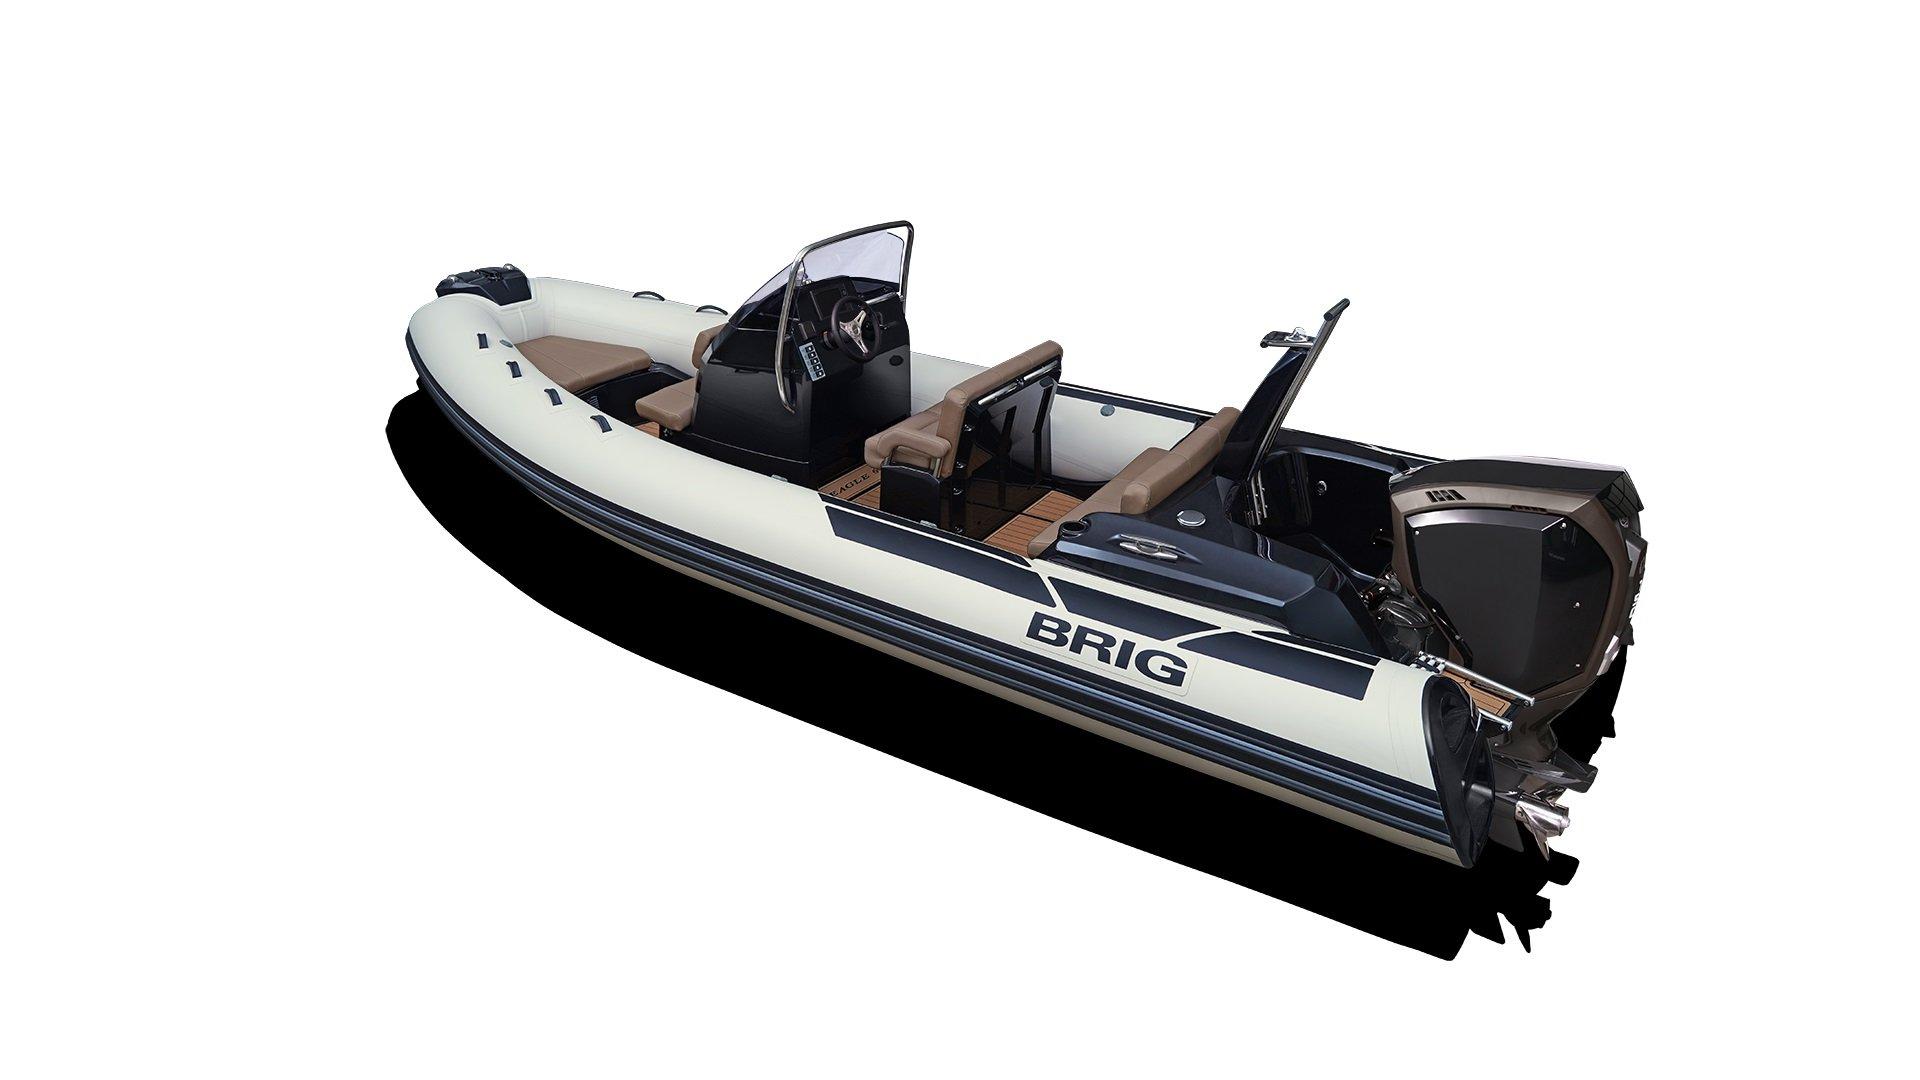 bateau pneumatique brig a vendre